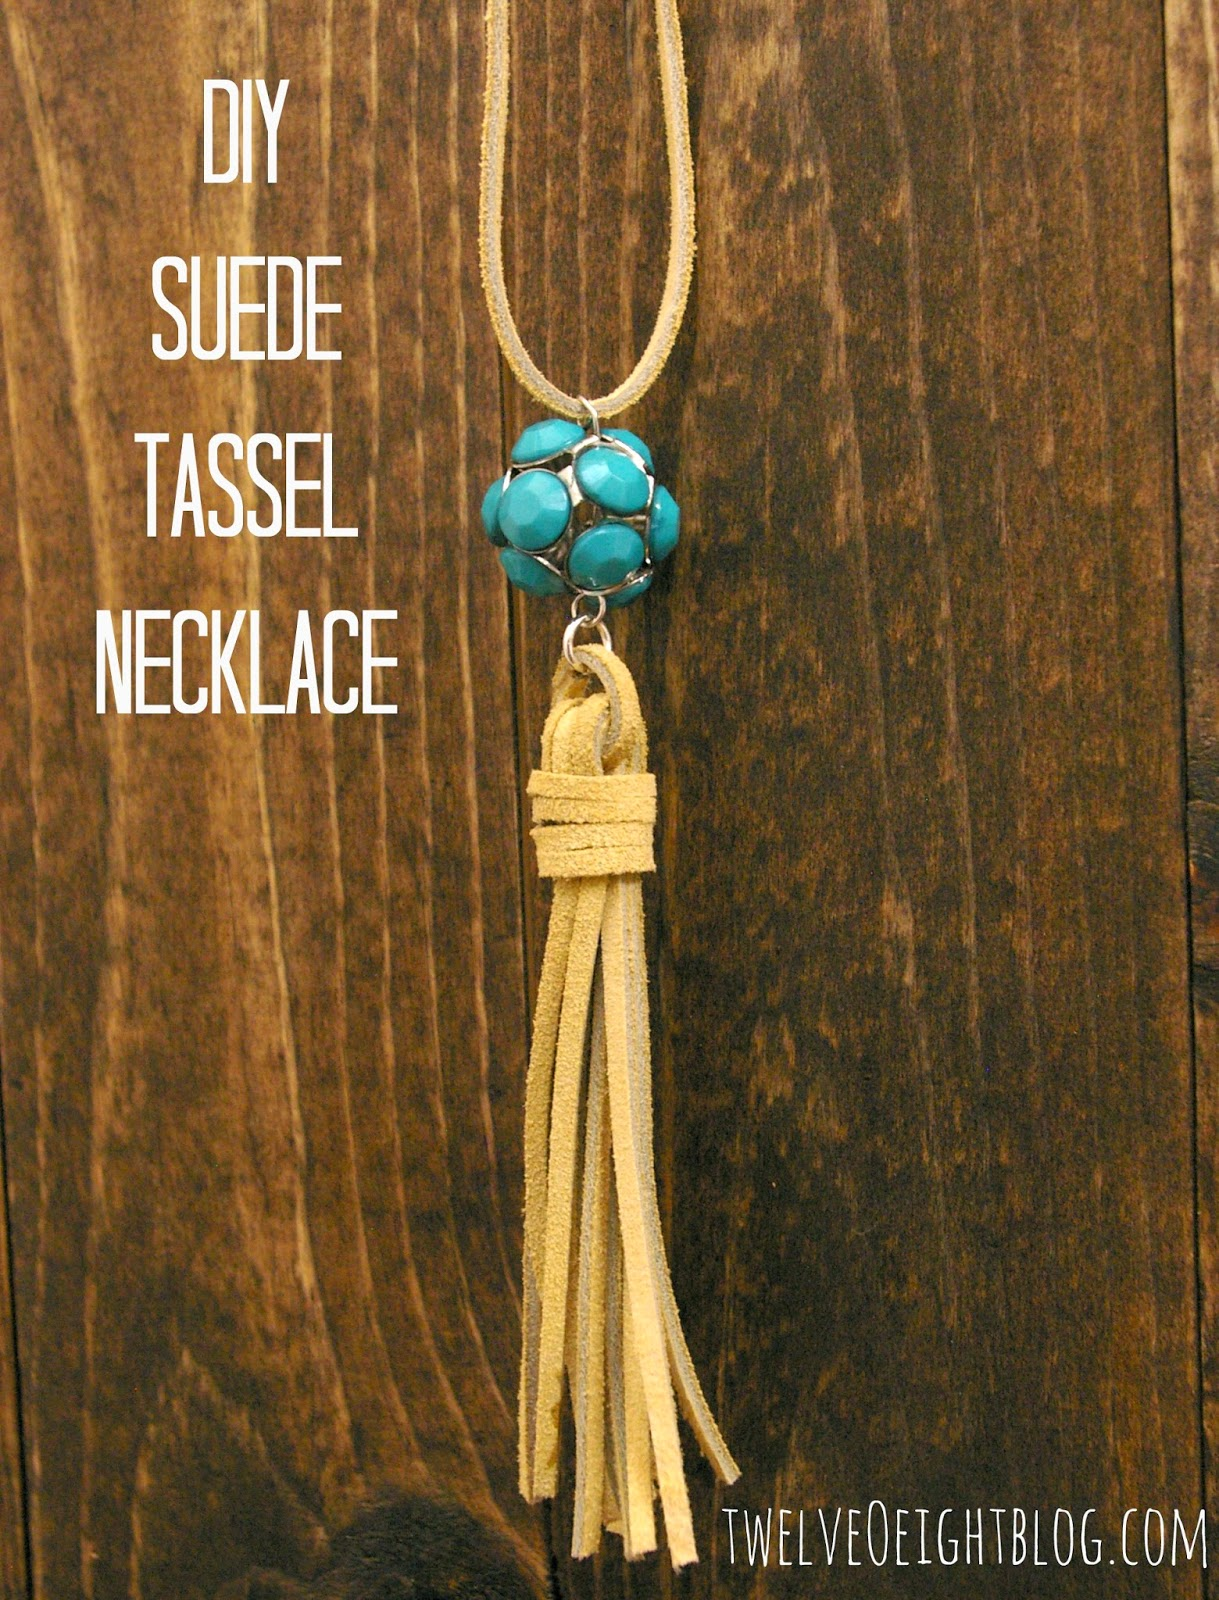 Diy Suede Tassel Necklace Twelveoeight